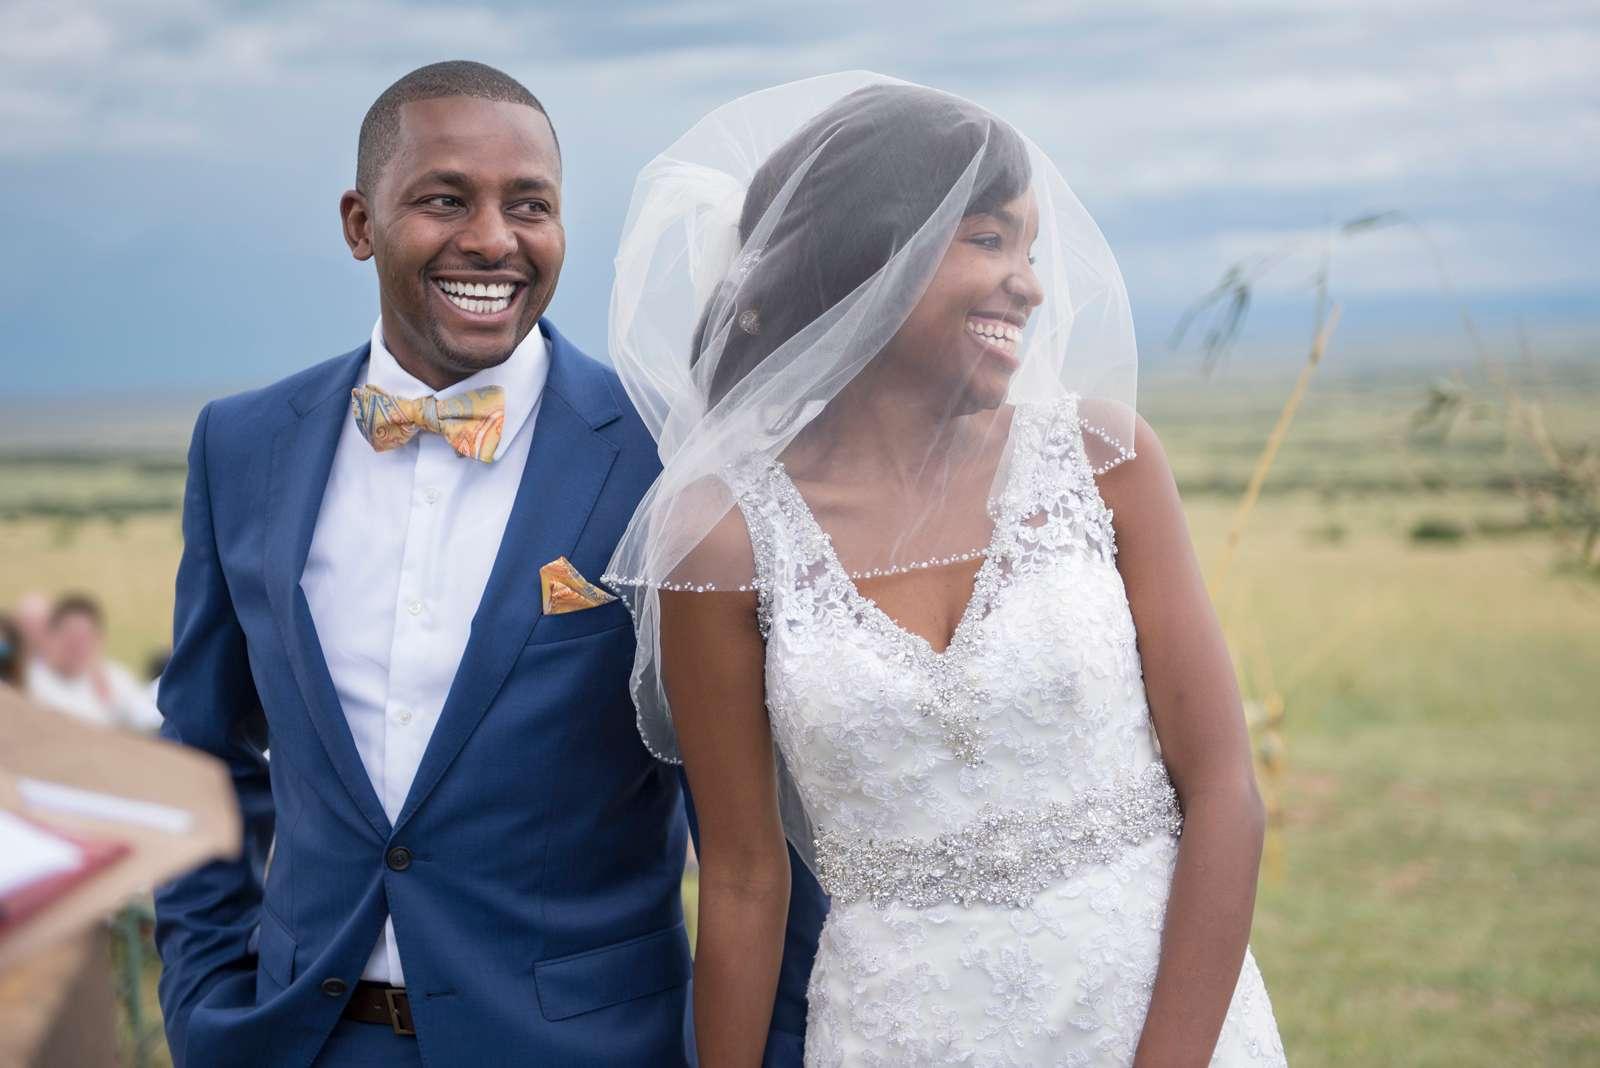 Why Do Brides Wear White? | Britannica